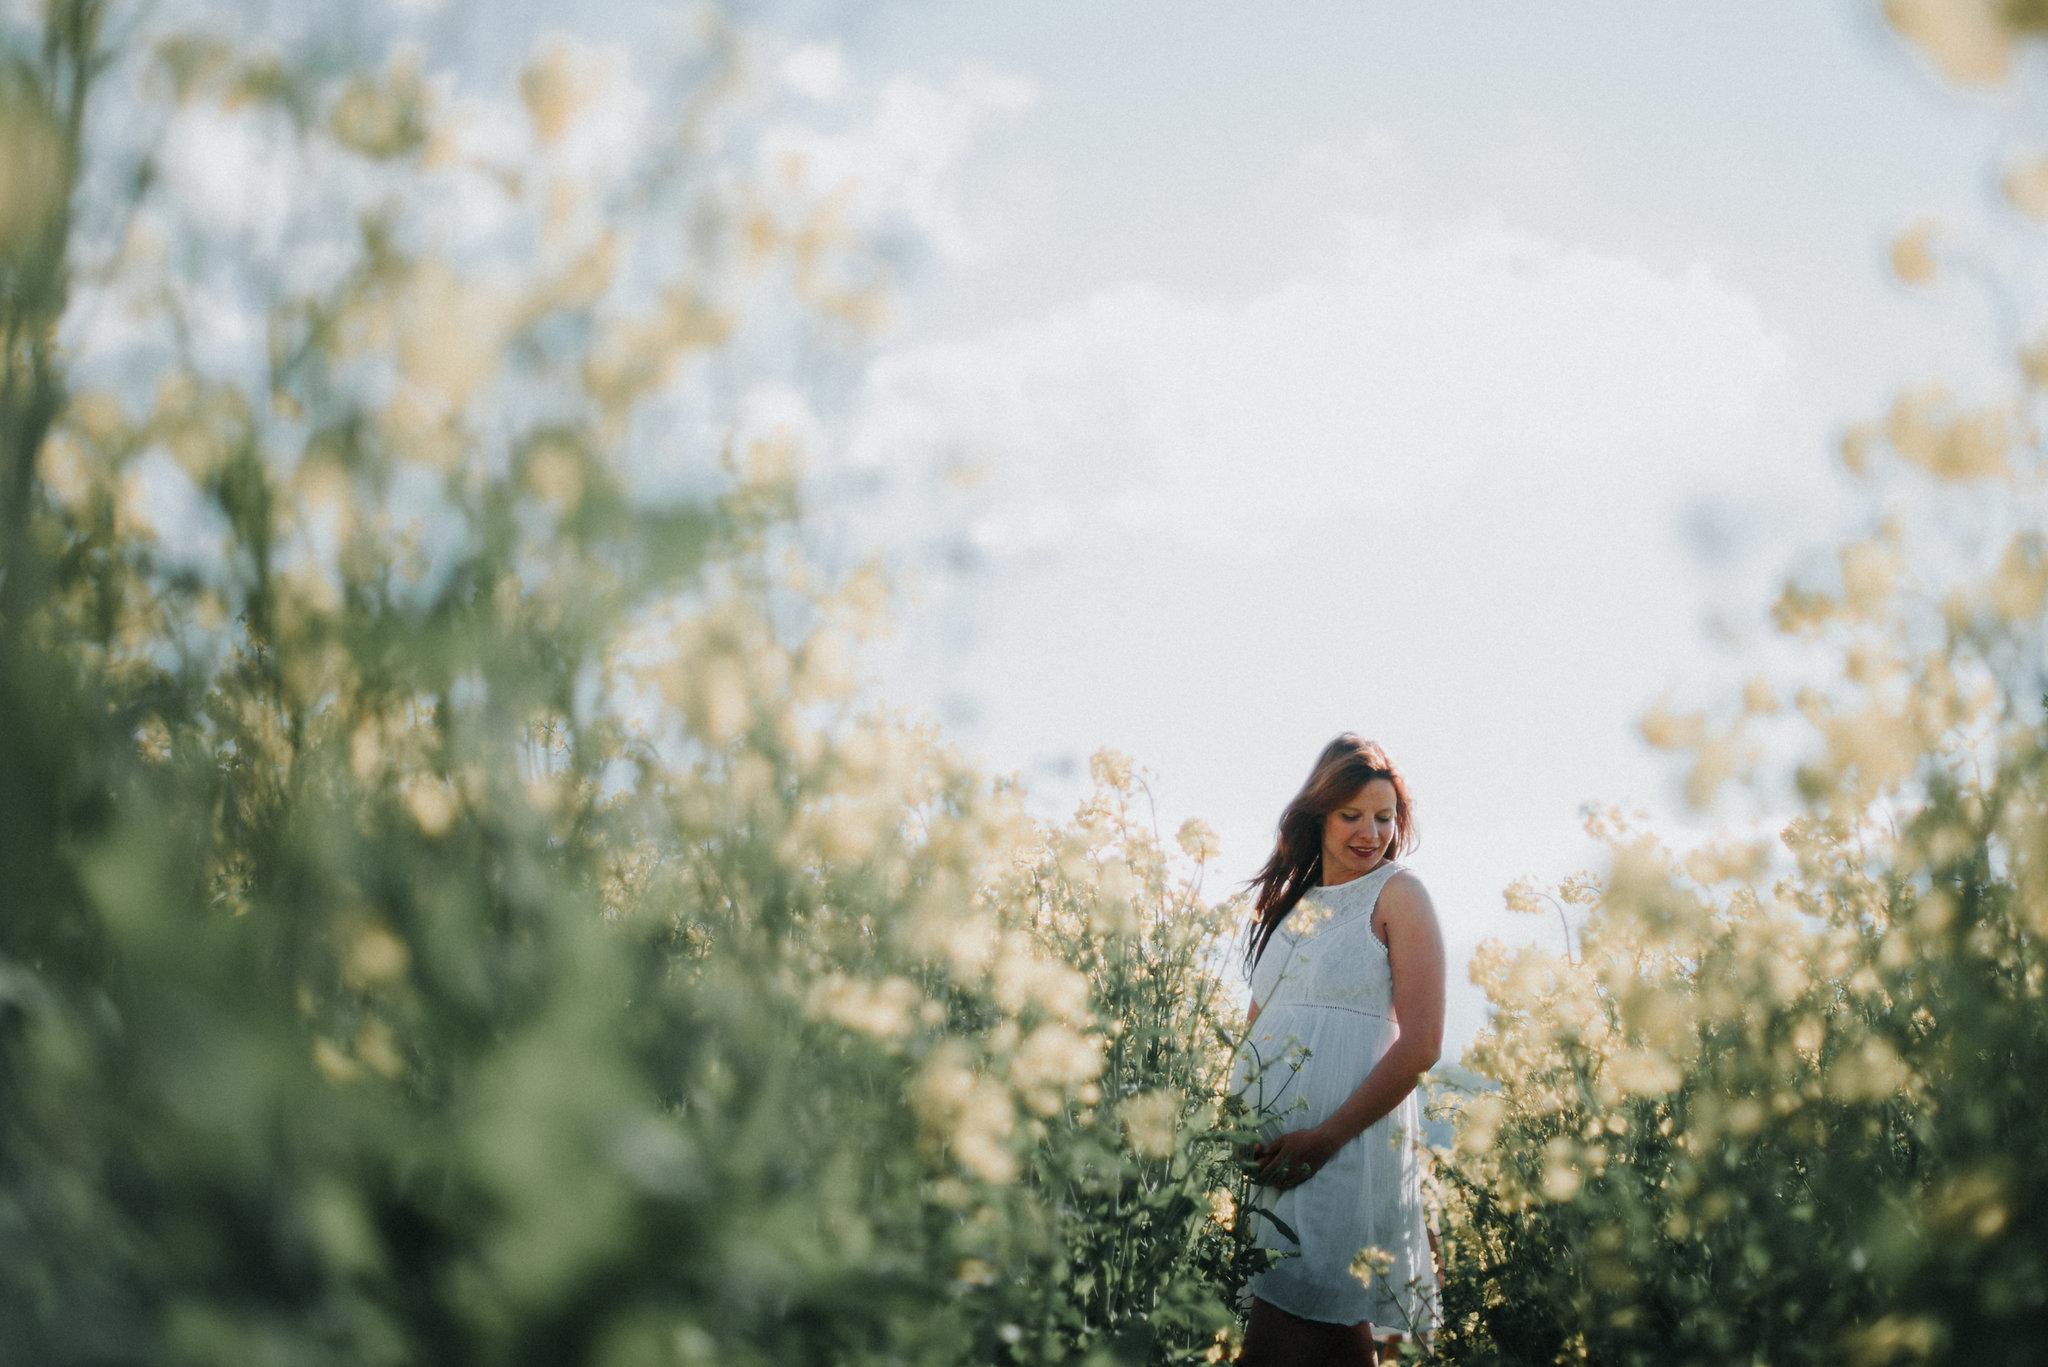 Léa-Fery-photographe-professionnel-lyon-rhone-alpes-portrait-creation-mariage-evenement-evenementiel-famille-8409.jpg